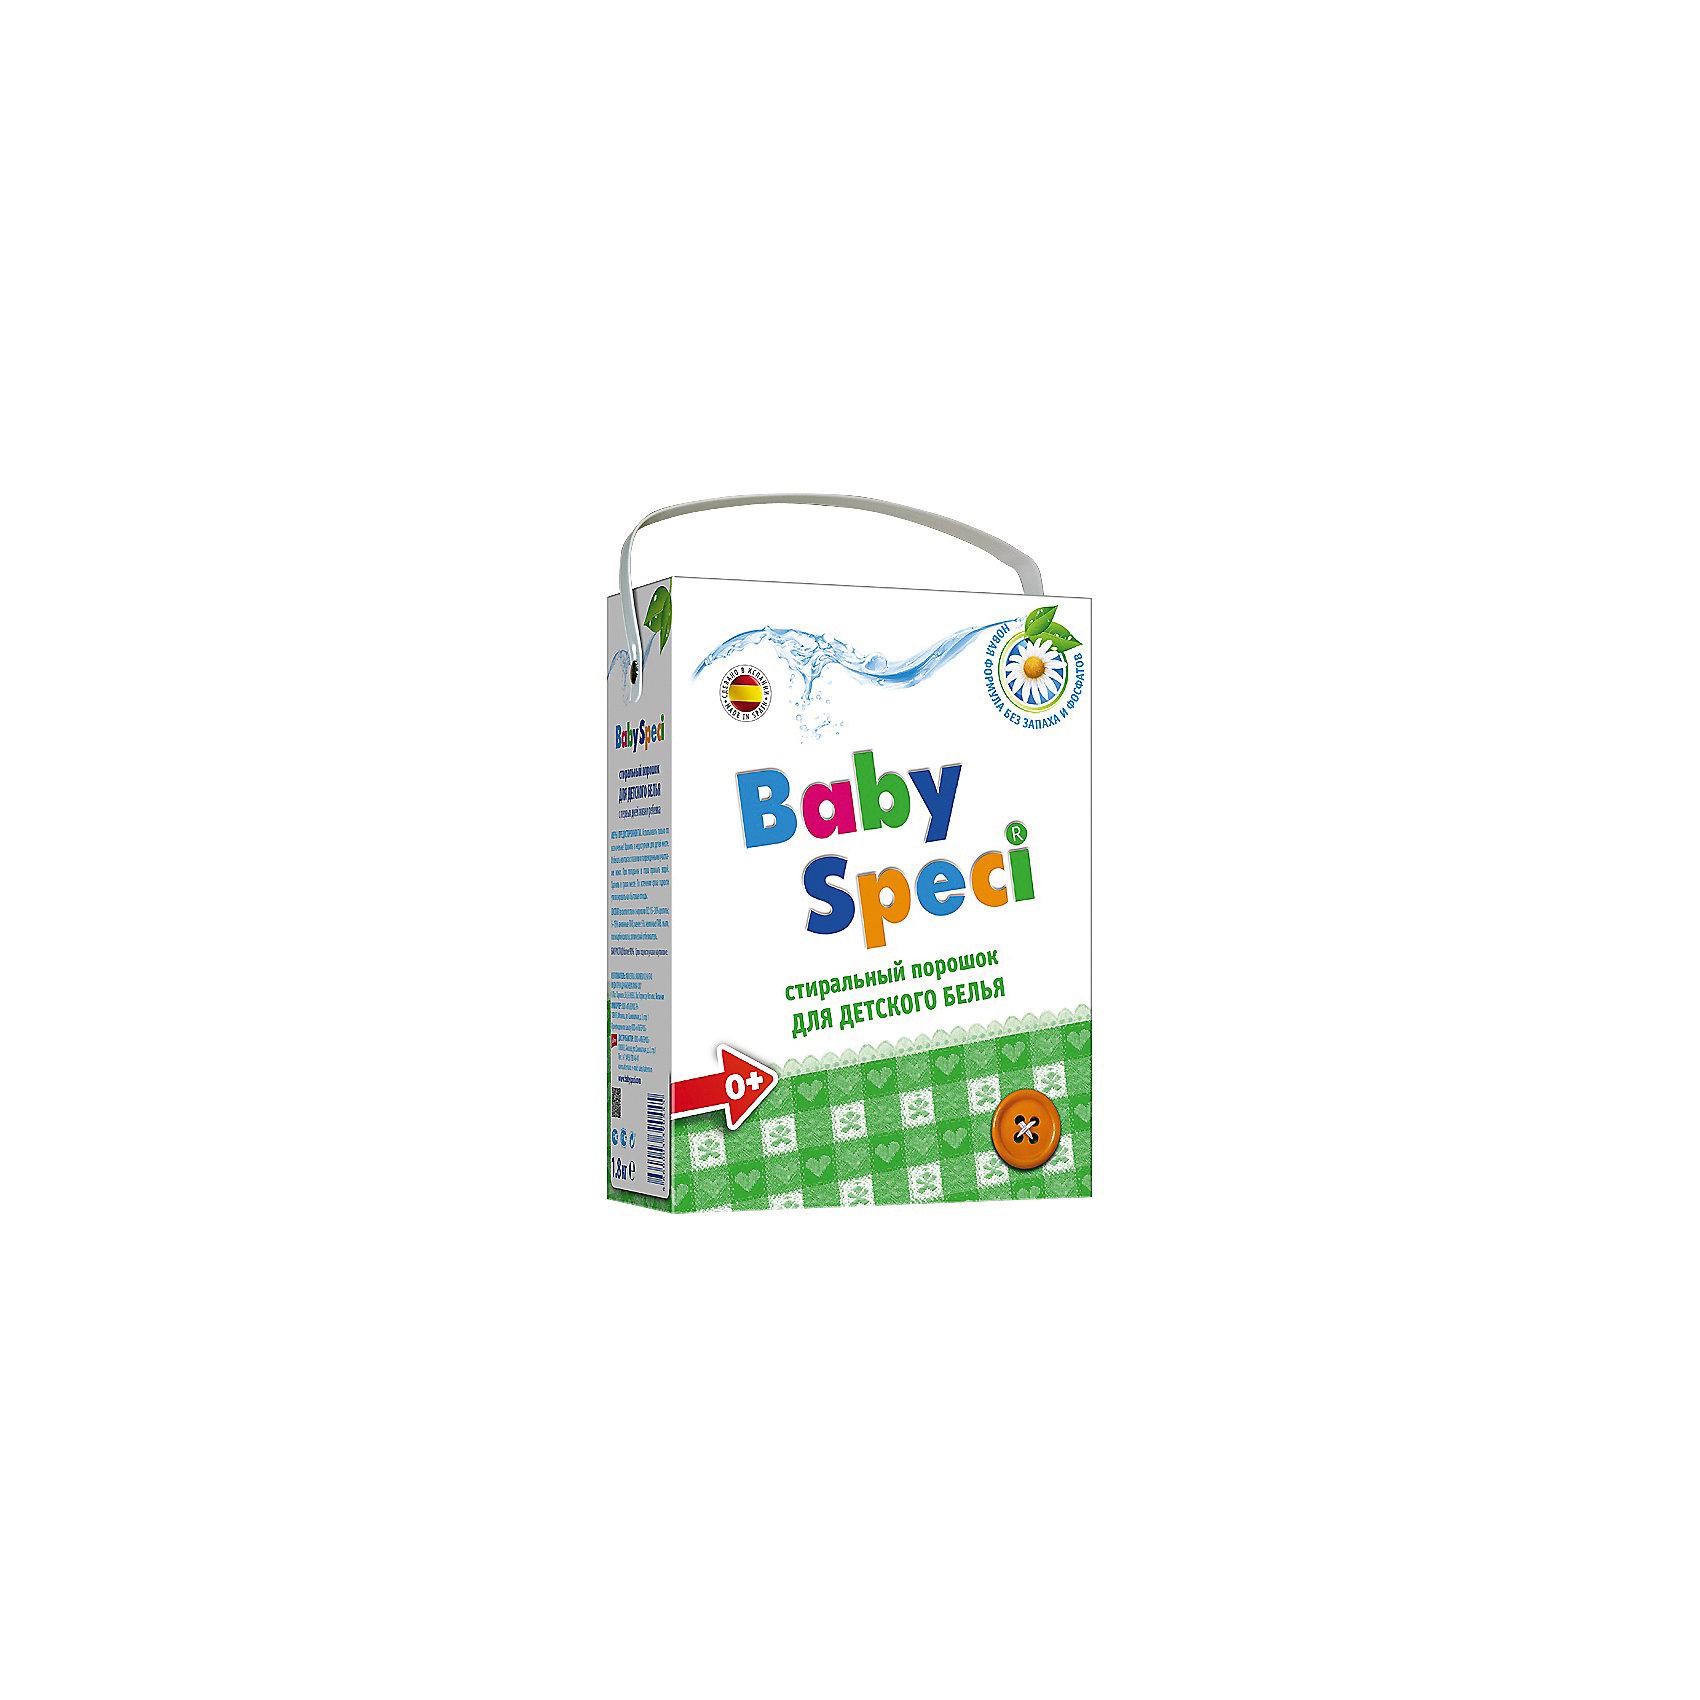 Baby Speci Стиральный порошок 1800 гр., Baby Speci baby speci стиральный порошок 500 гр baby speci